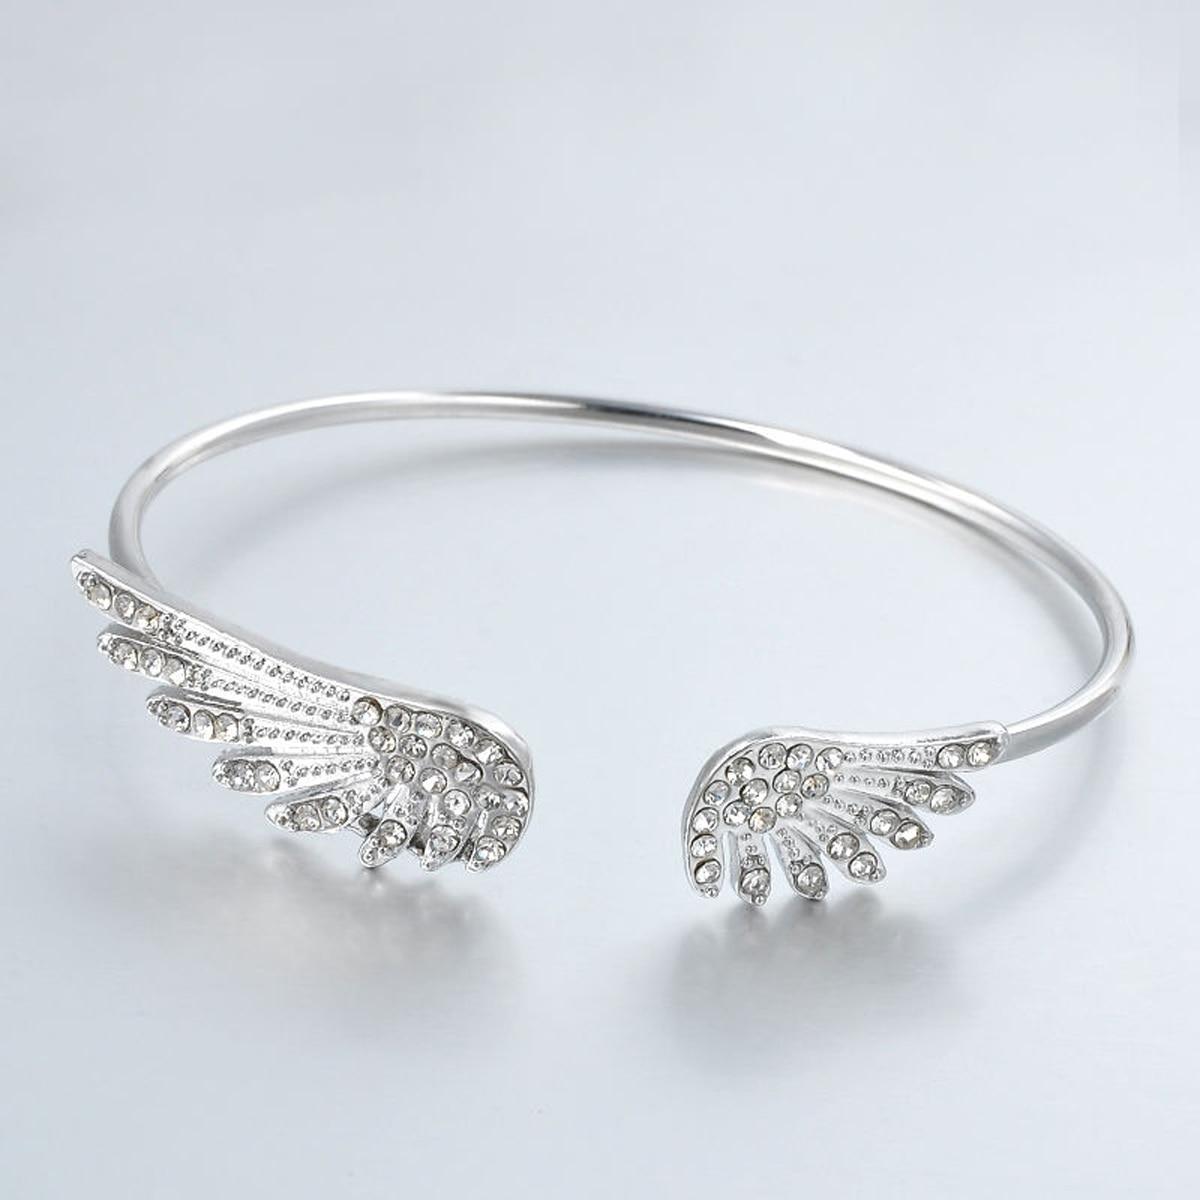 Trendy Silver Plated Bracelet For Women Bangle Full